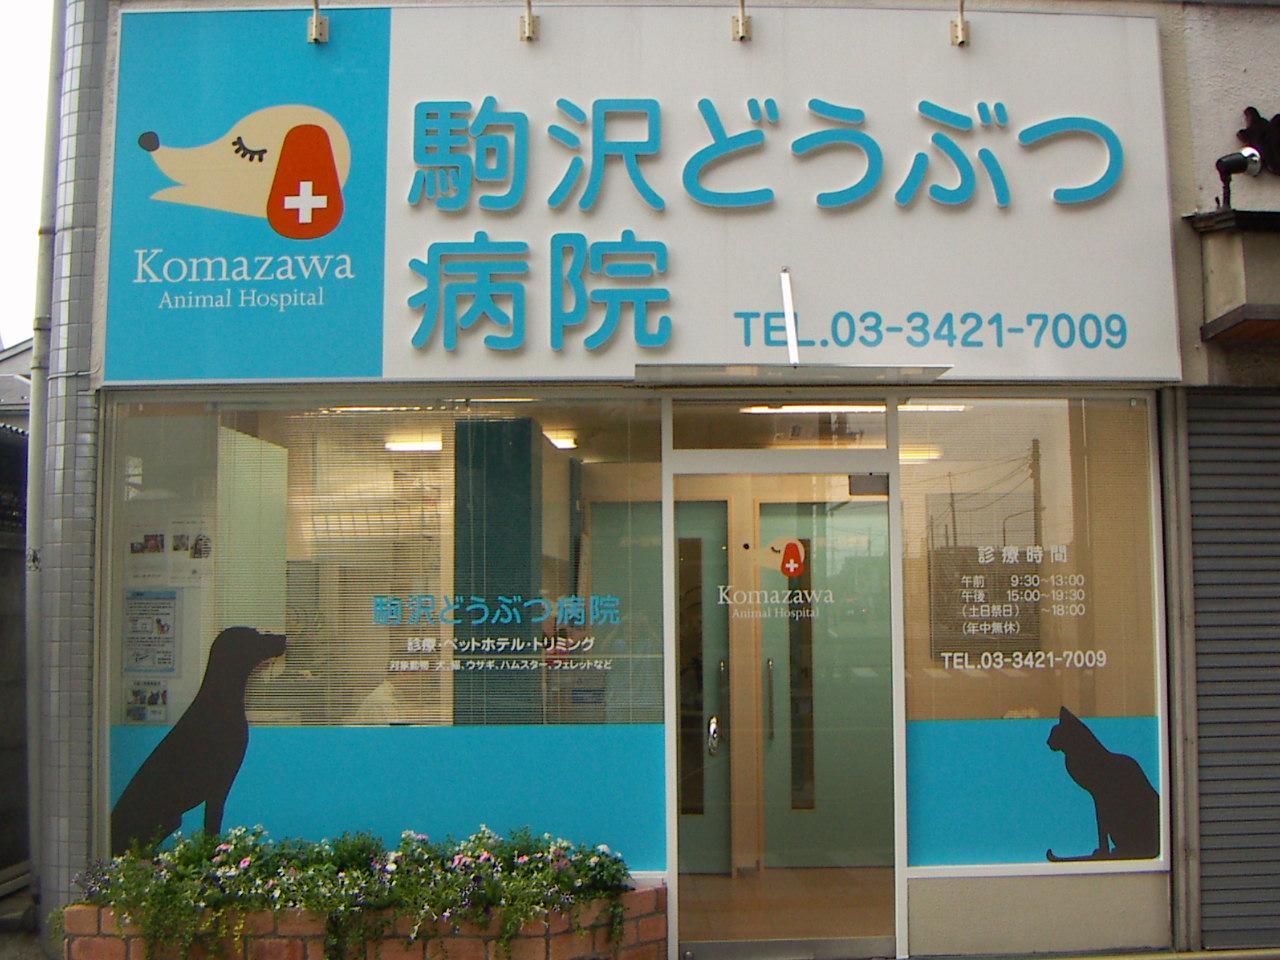 【経験トリマー募集】世田谷区・駒沢大学・桜新町にある動物病院